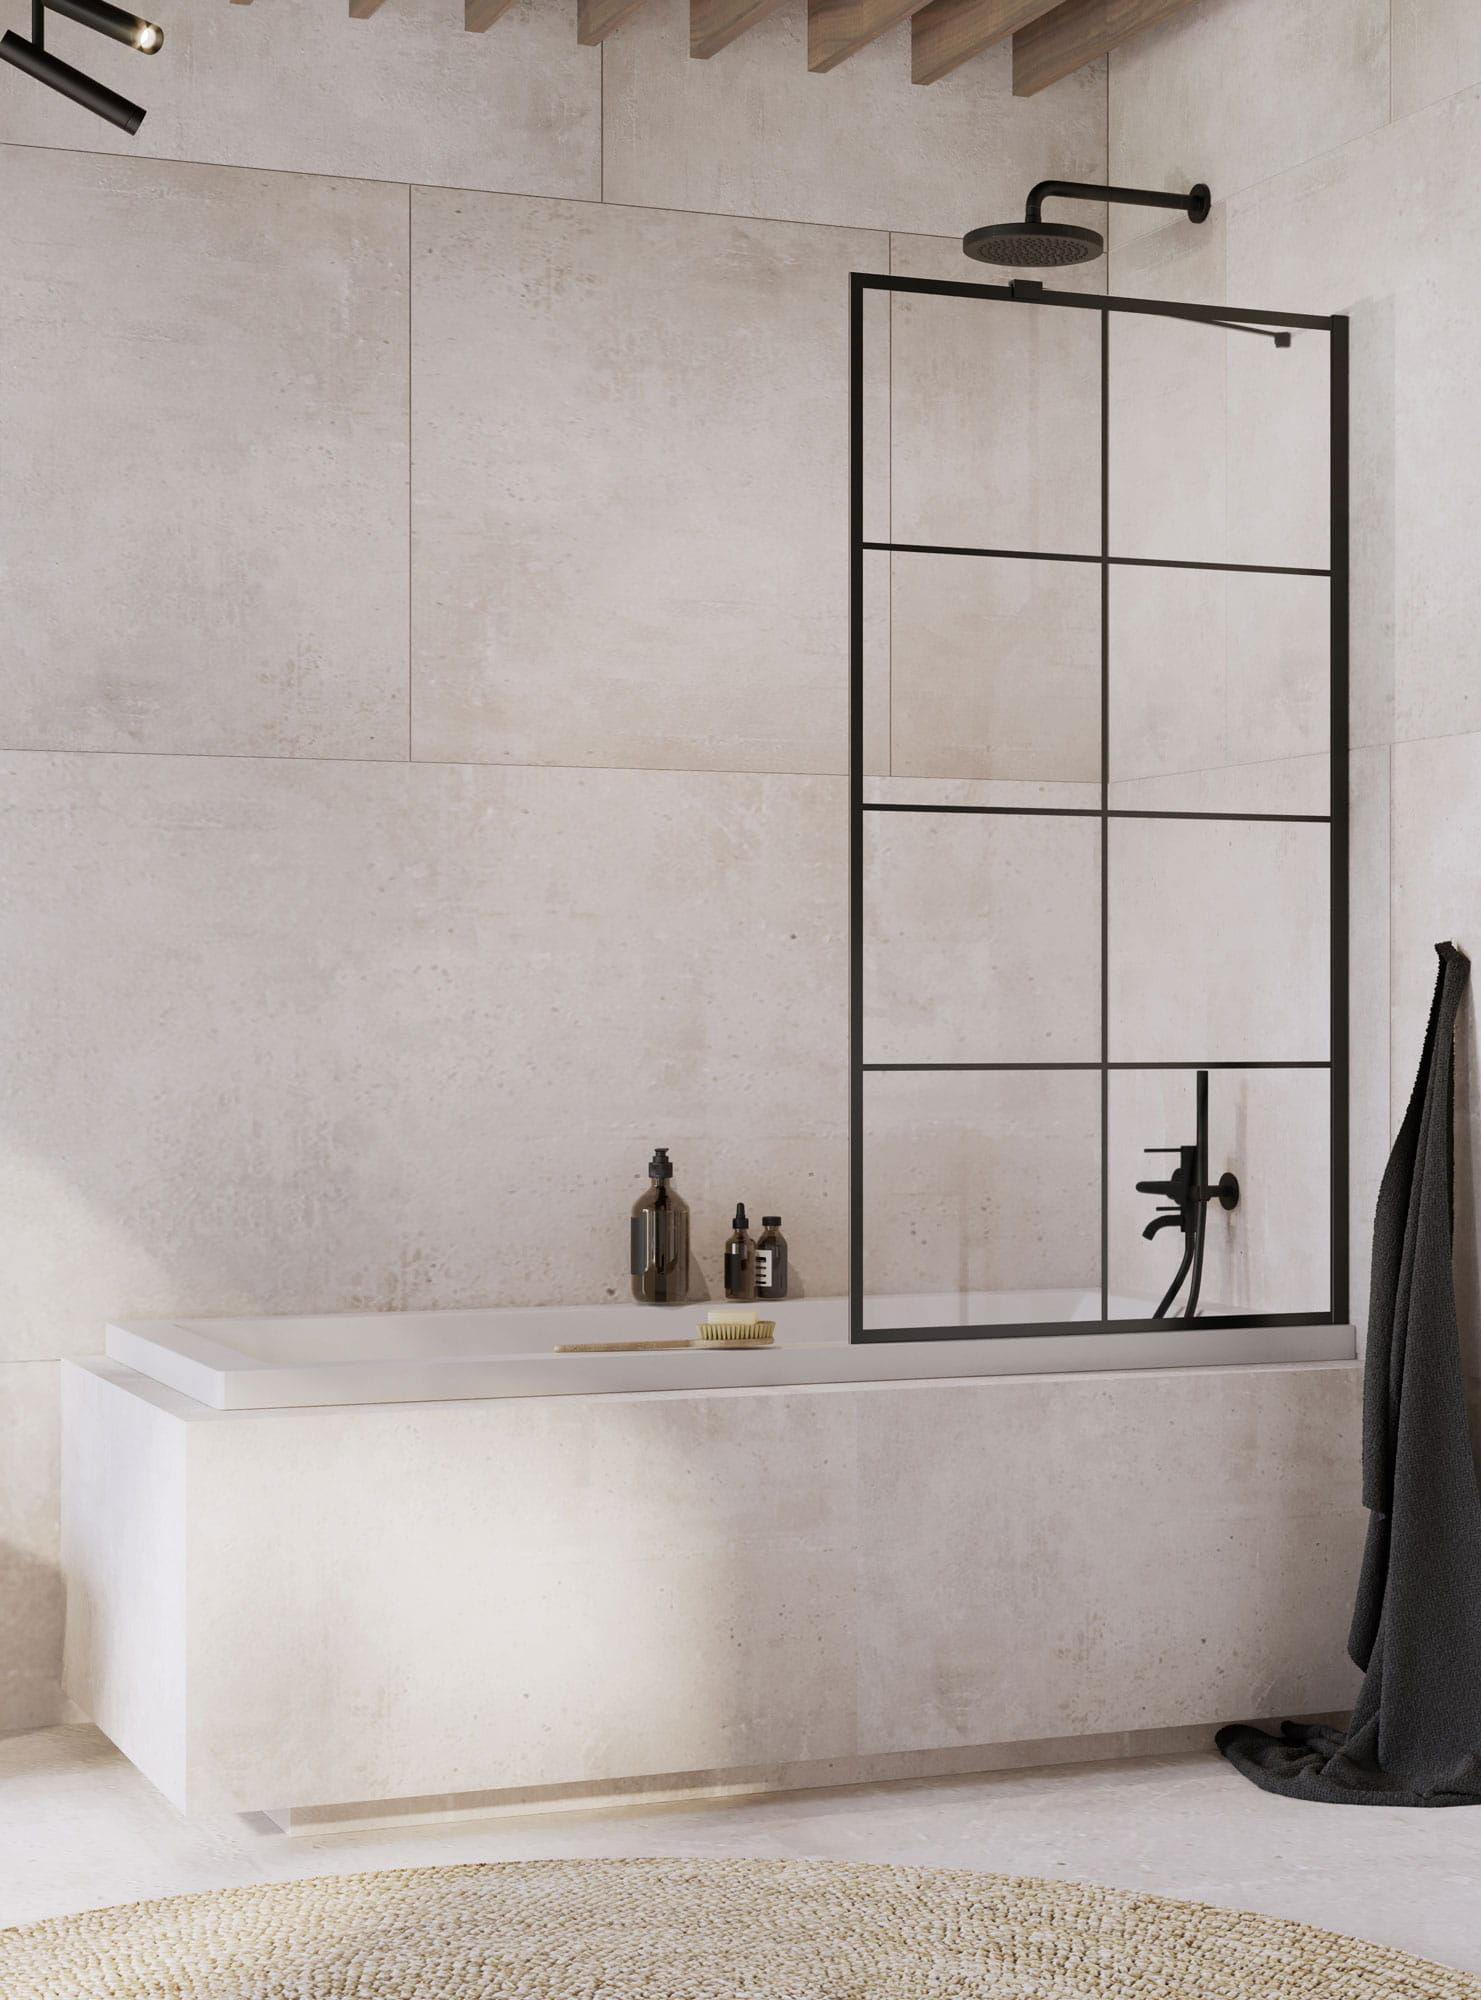 Radaway parawan nawannowy Idea Black PNJ Factory 80 cm, szkło przejrzyste, wys. 150 cm 10001080-54-55